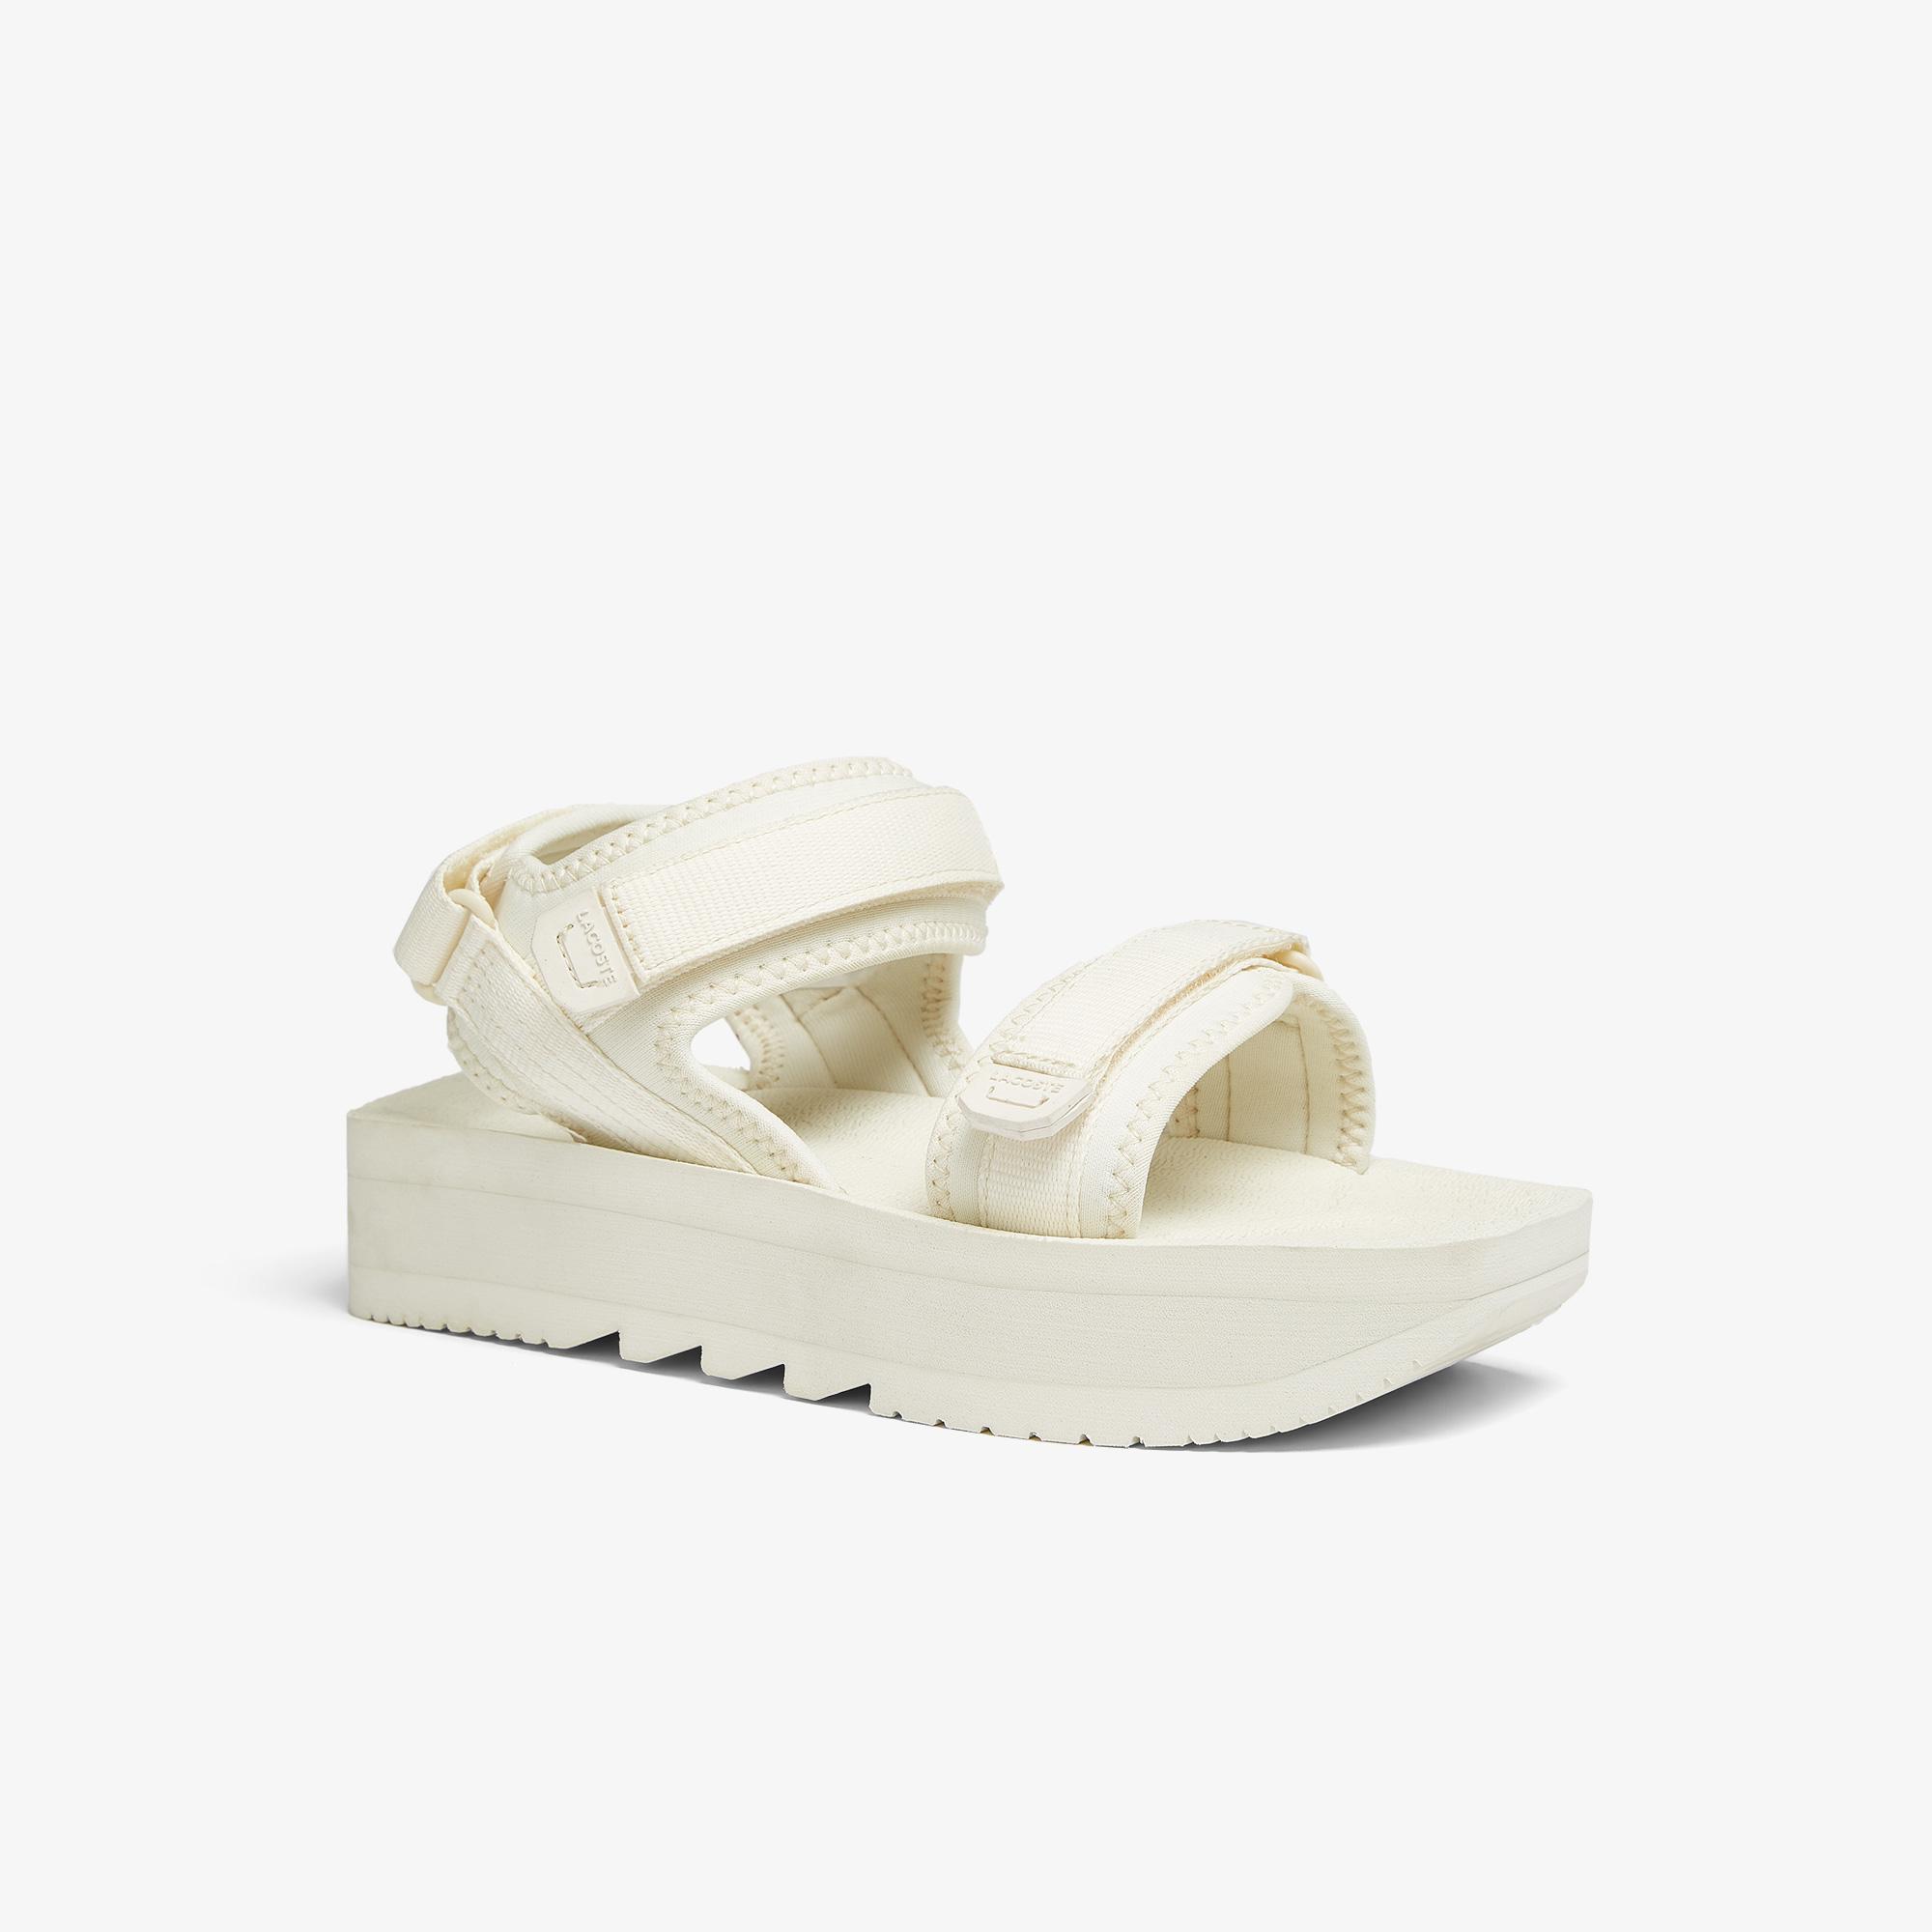 Lacoste Suruga Plus 0921 1 Cfa Kadın Beyaz Sandalet